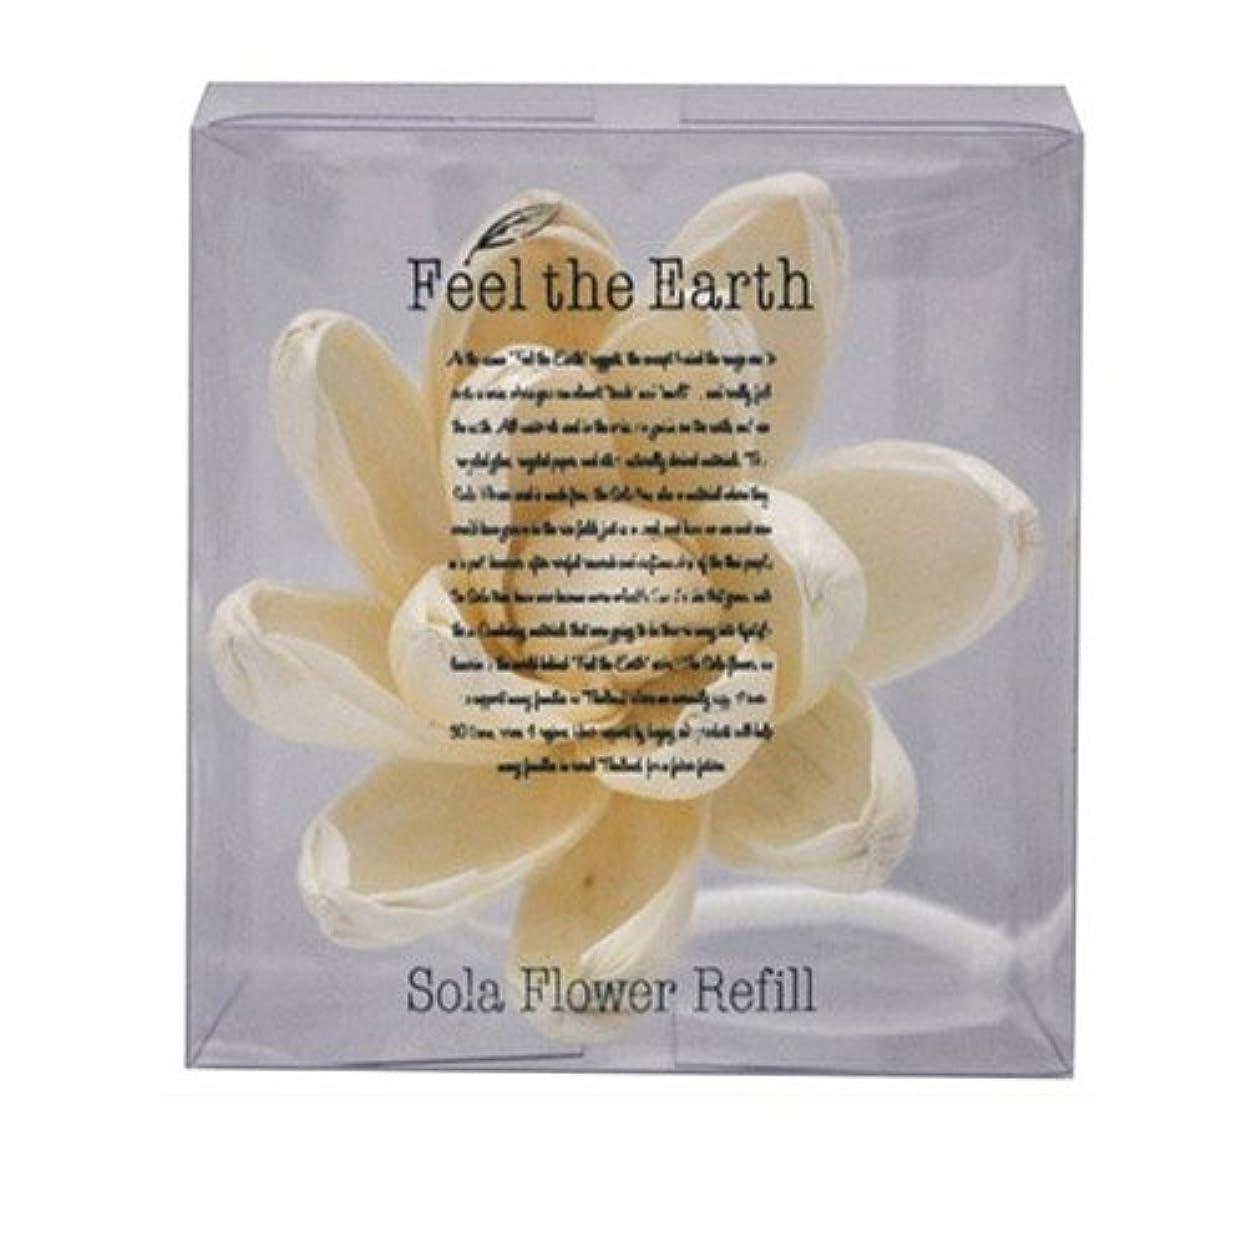 電気陽性士気卒業記念アルバムFEEL THE EARTH ソラフラワー リフィル リリーマグノリア Lily Magnolia フィール ジ アース